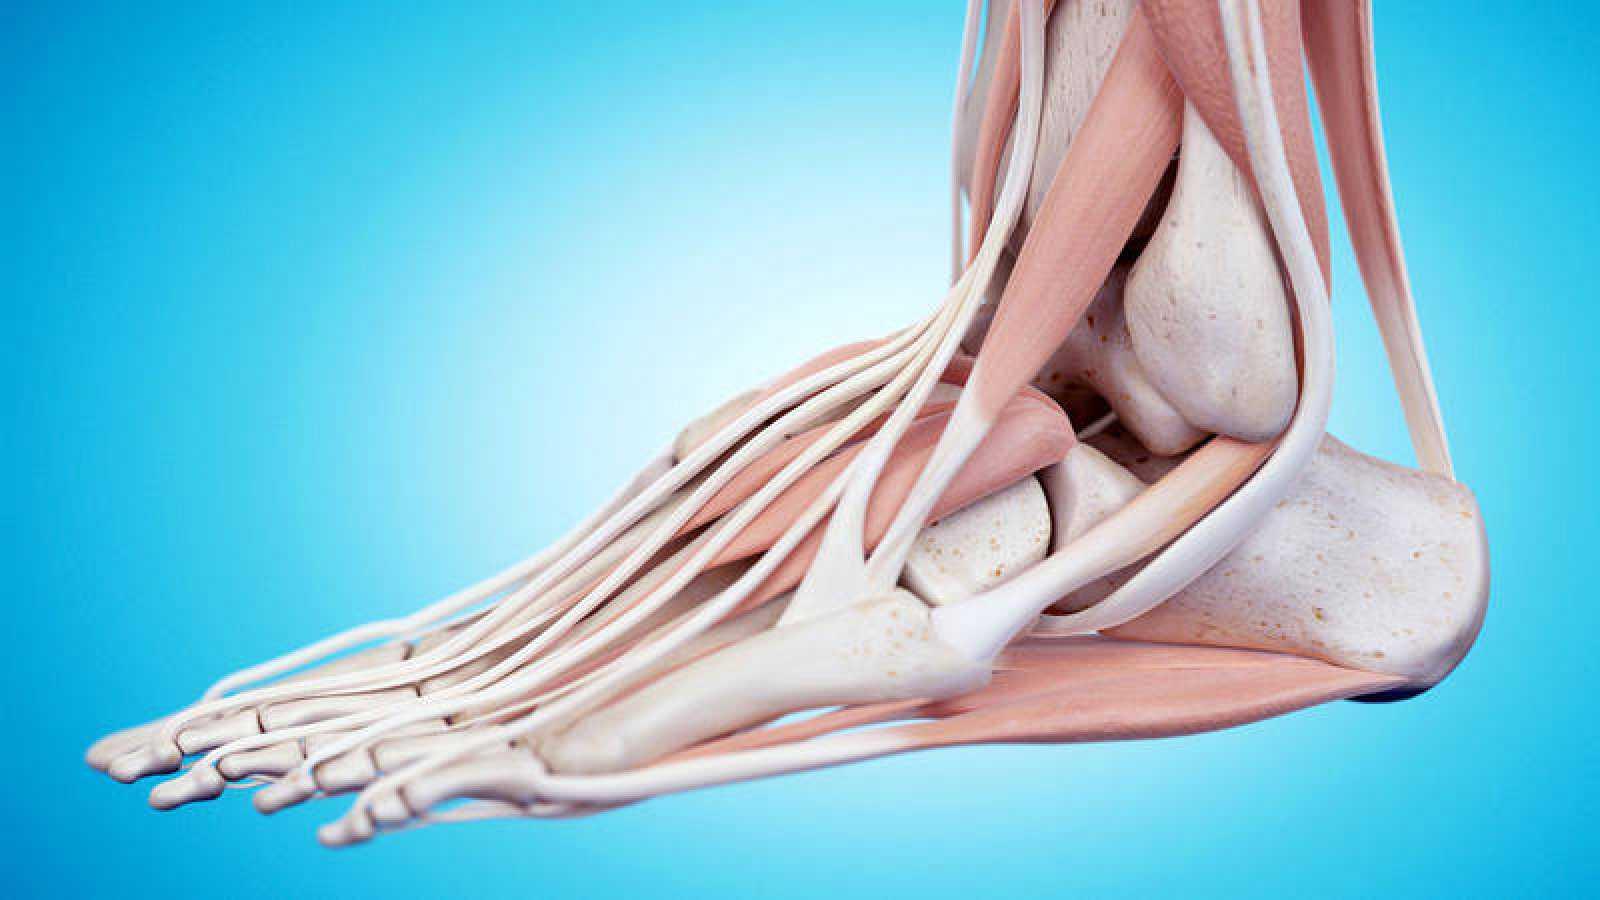 Ilustración anatómica de un pie.